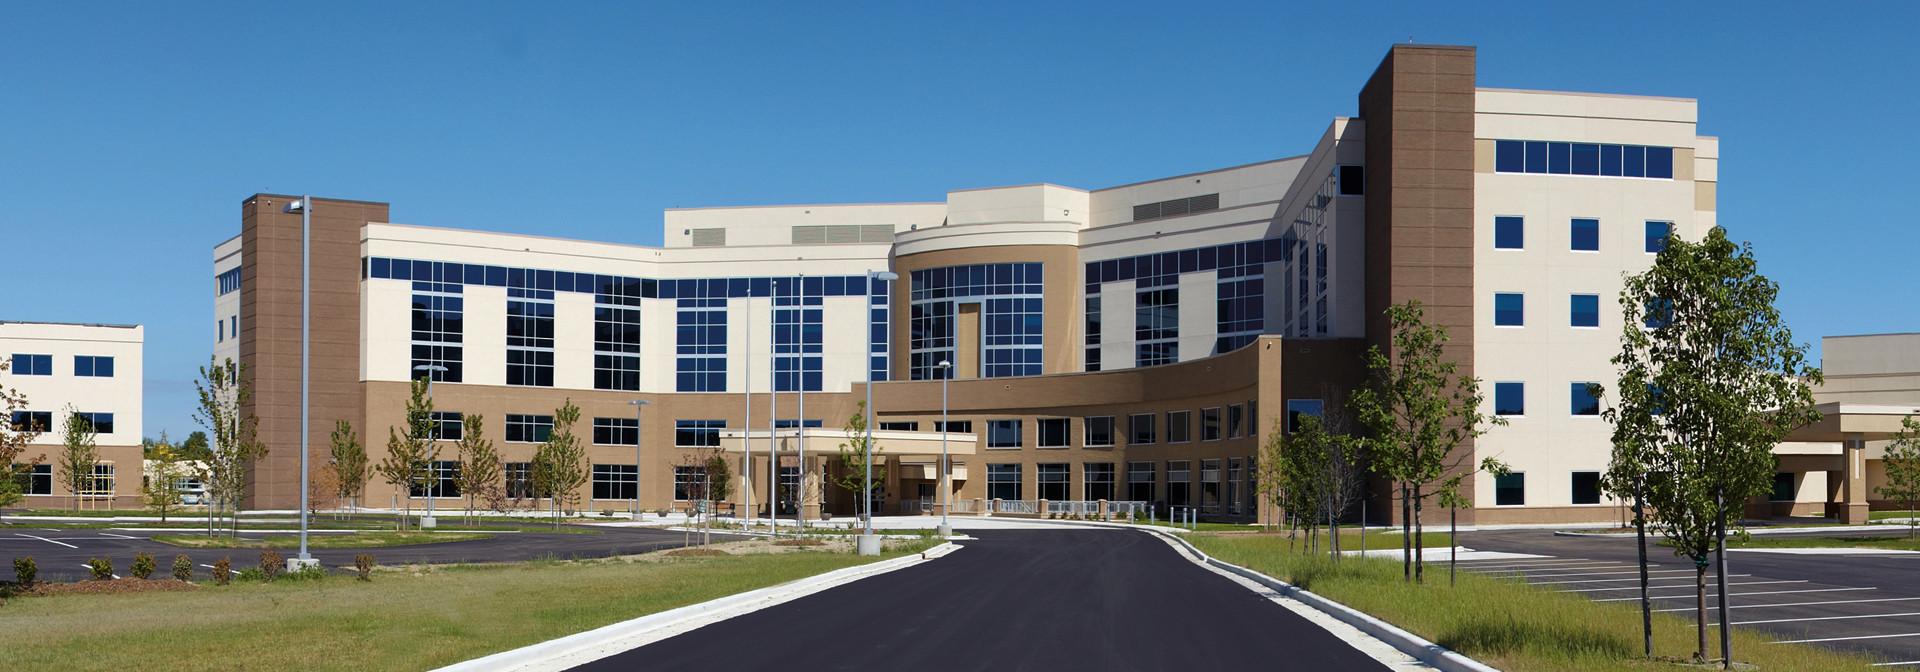 CHS Building Image